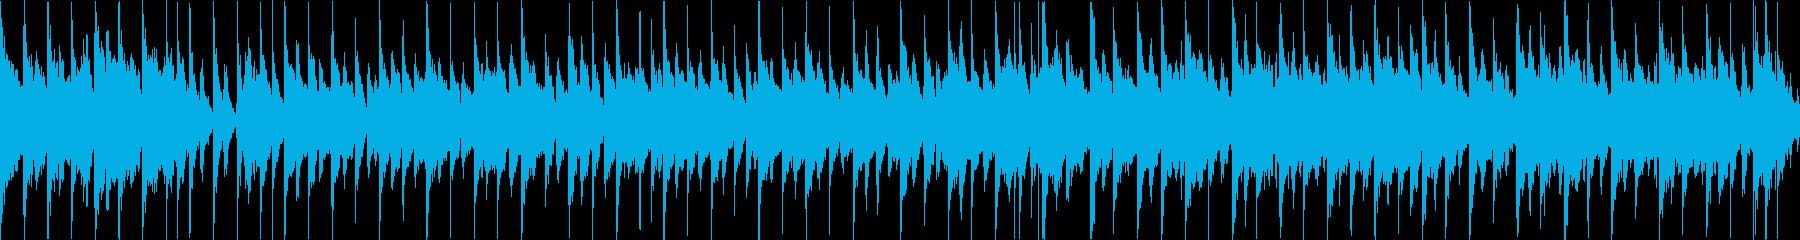 楽しいジングルベル(ループ)の再生済みの波形